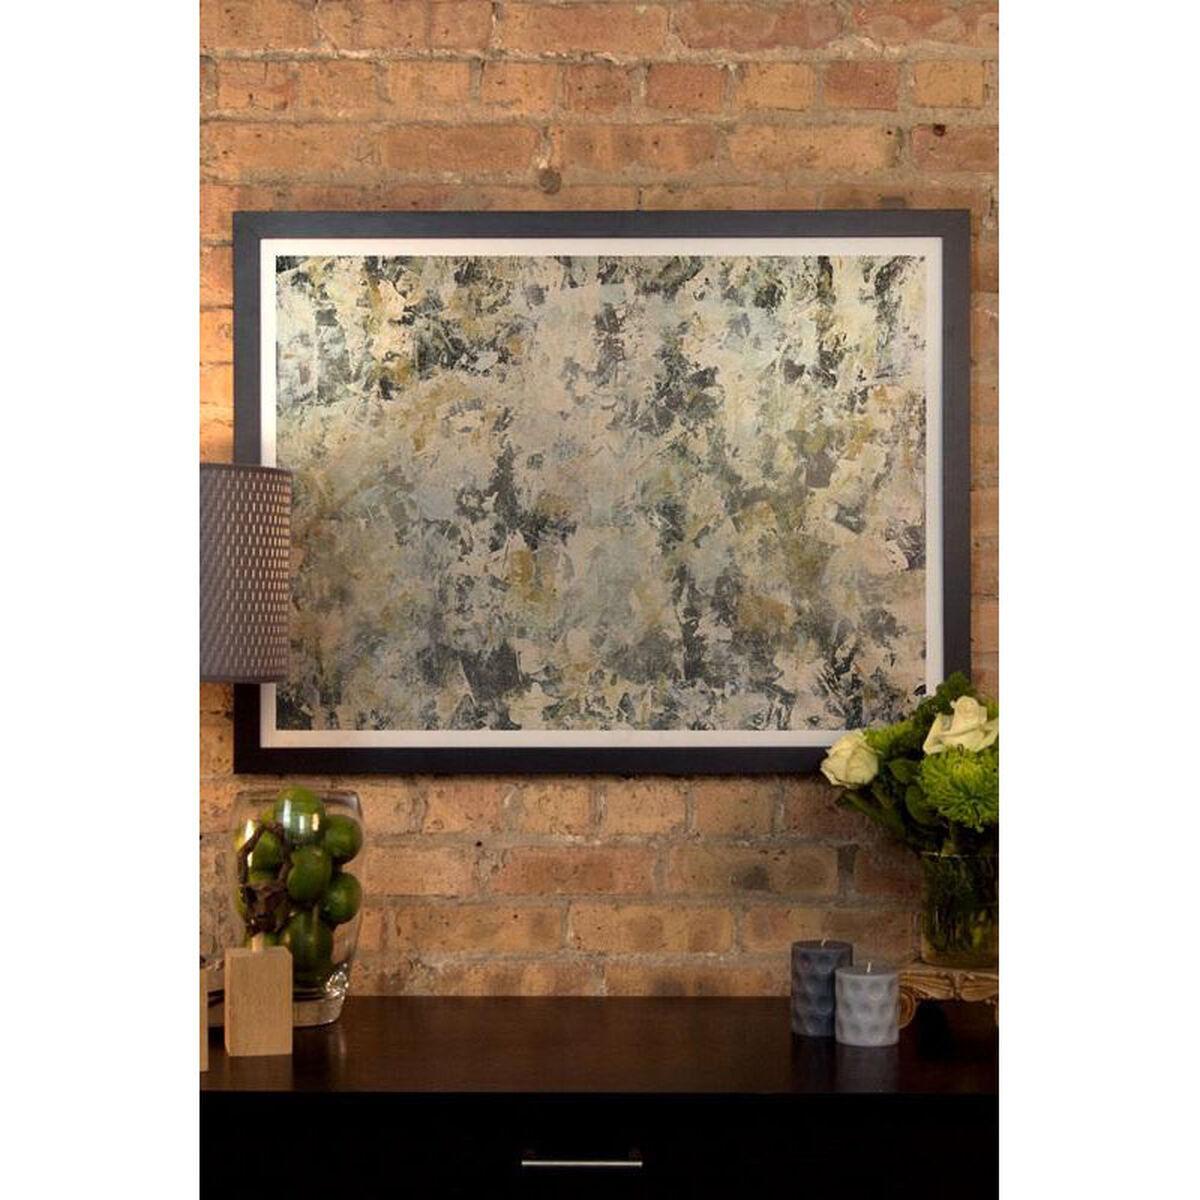 Wall Art Hardwood Frame Jsr74 1pfa 32x24 Fm01 Bizchaircom